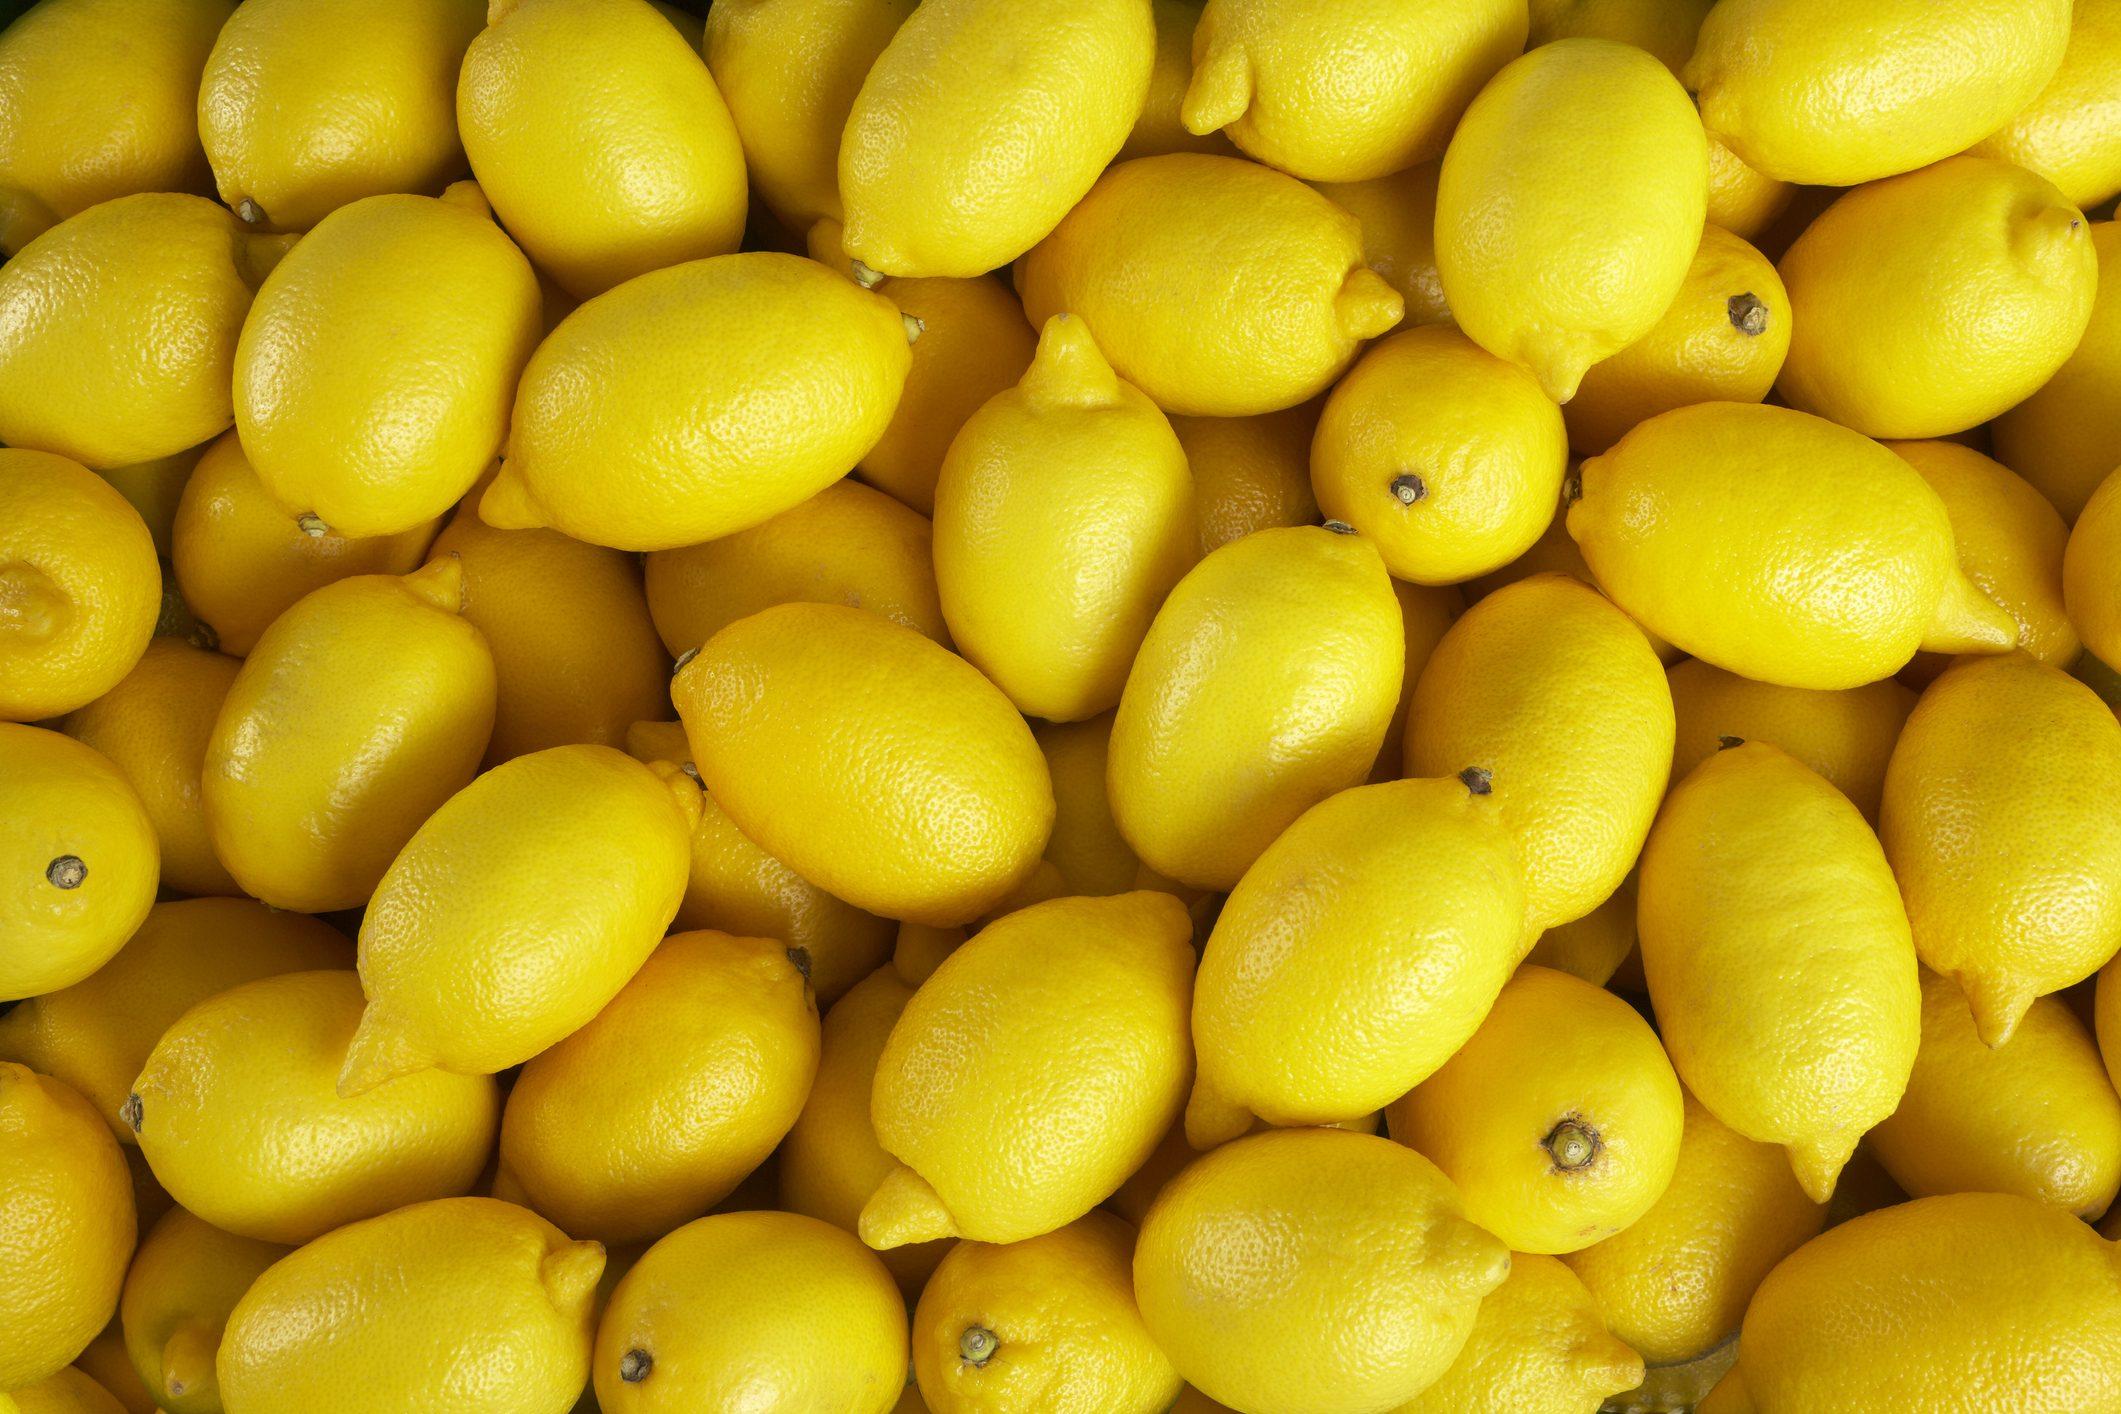 Proprieta Del Limone Ecco I Benefici Dalla Buccia Fino Al Succo Ohga